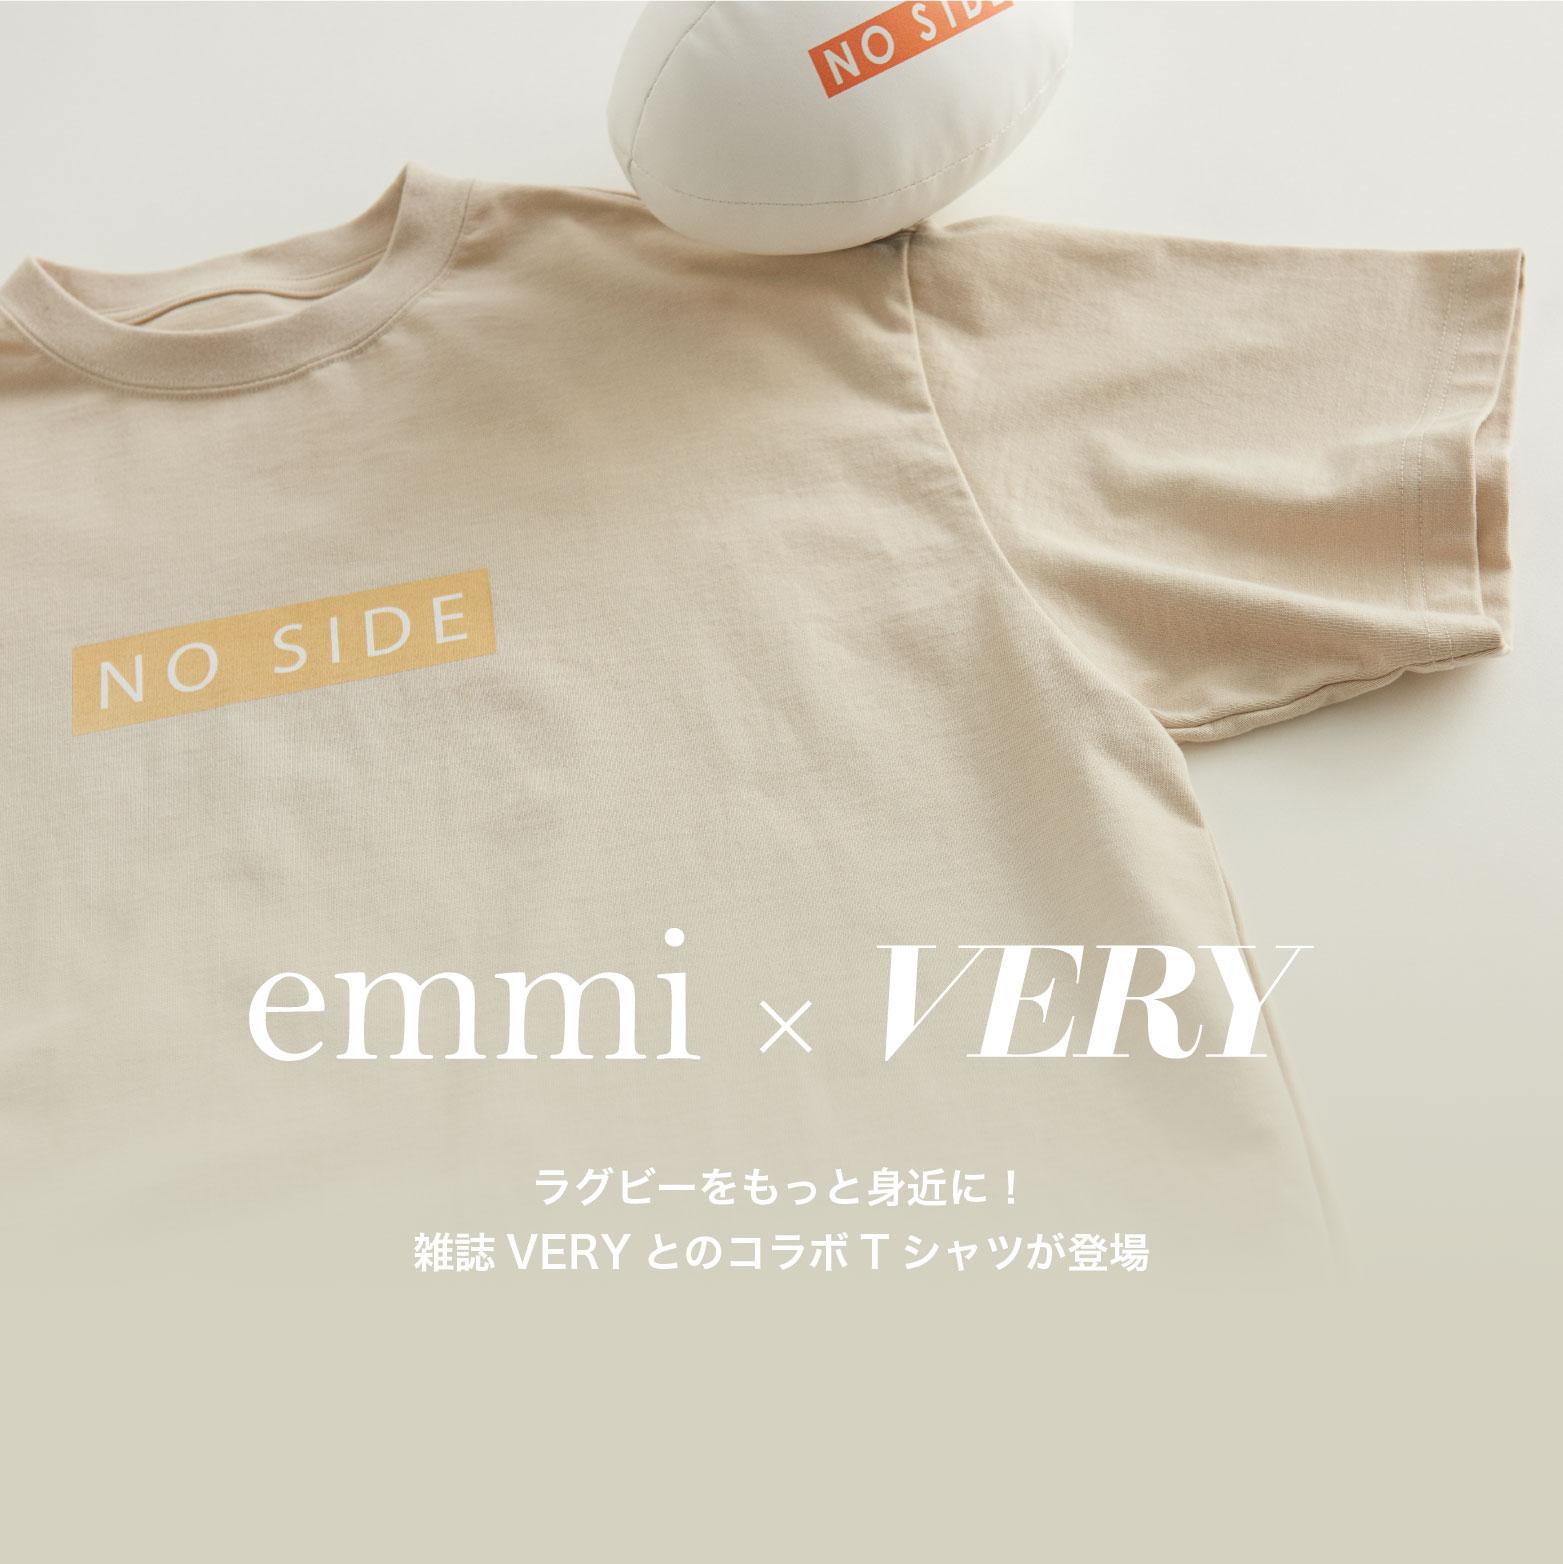 emmi × very ラグビーをもっと身近に!